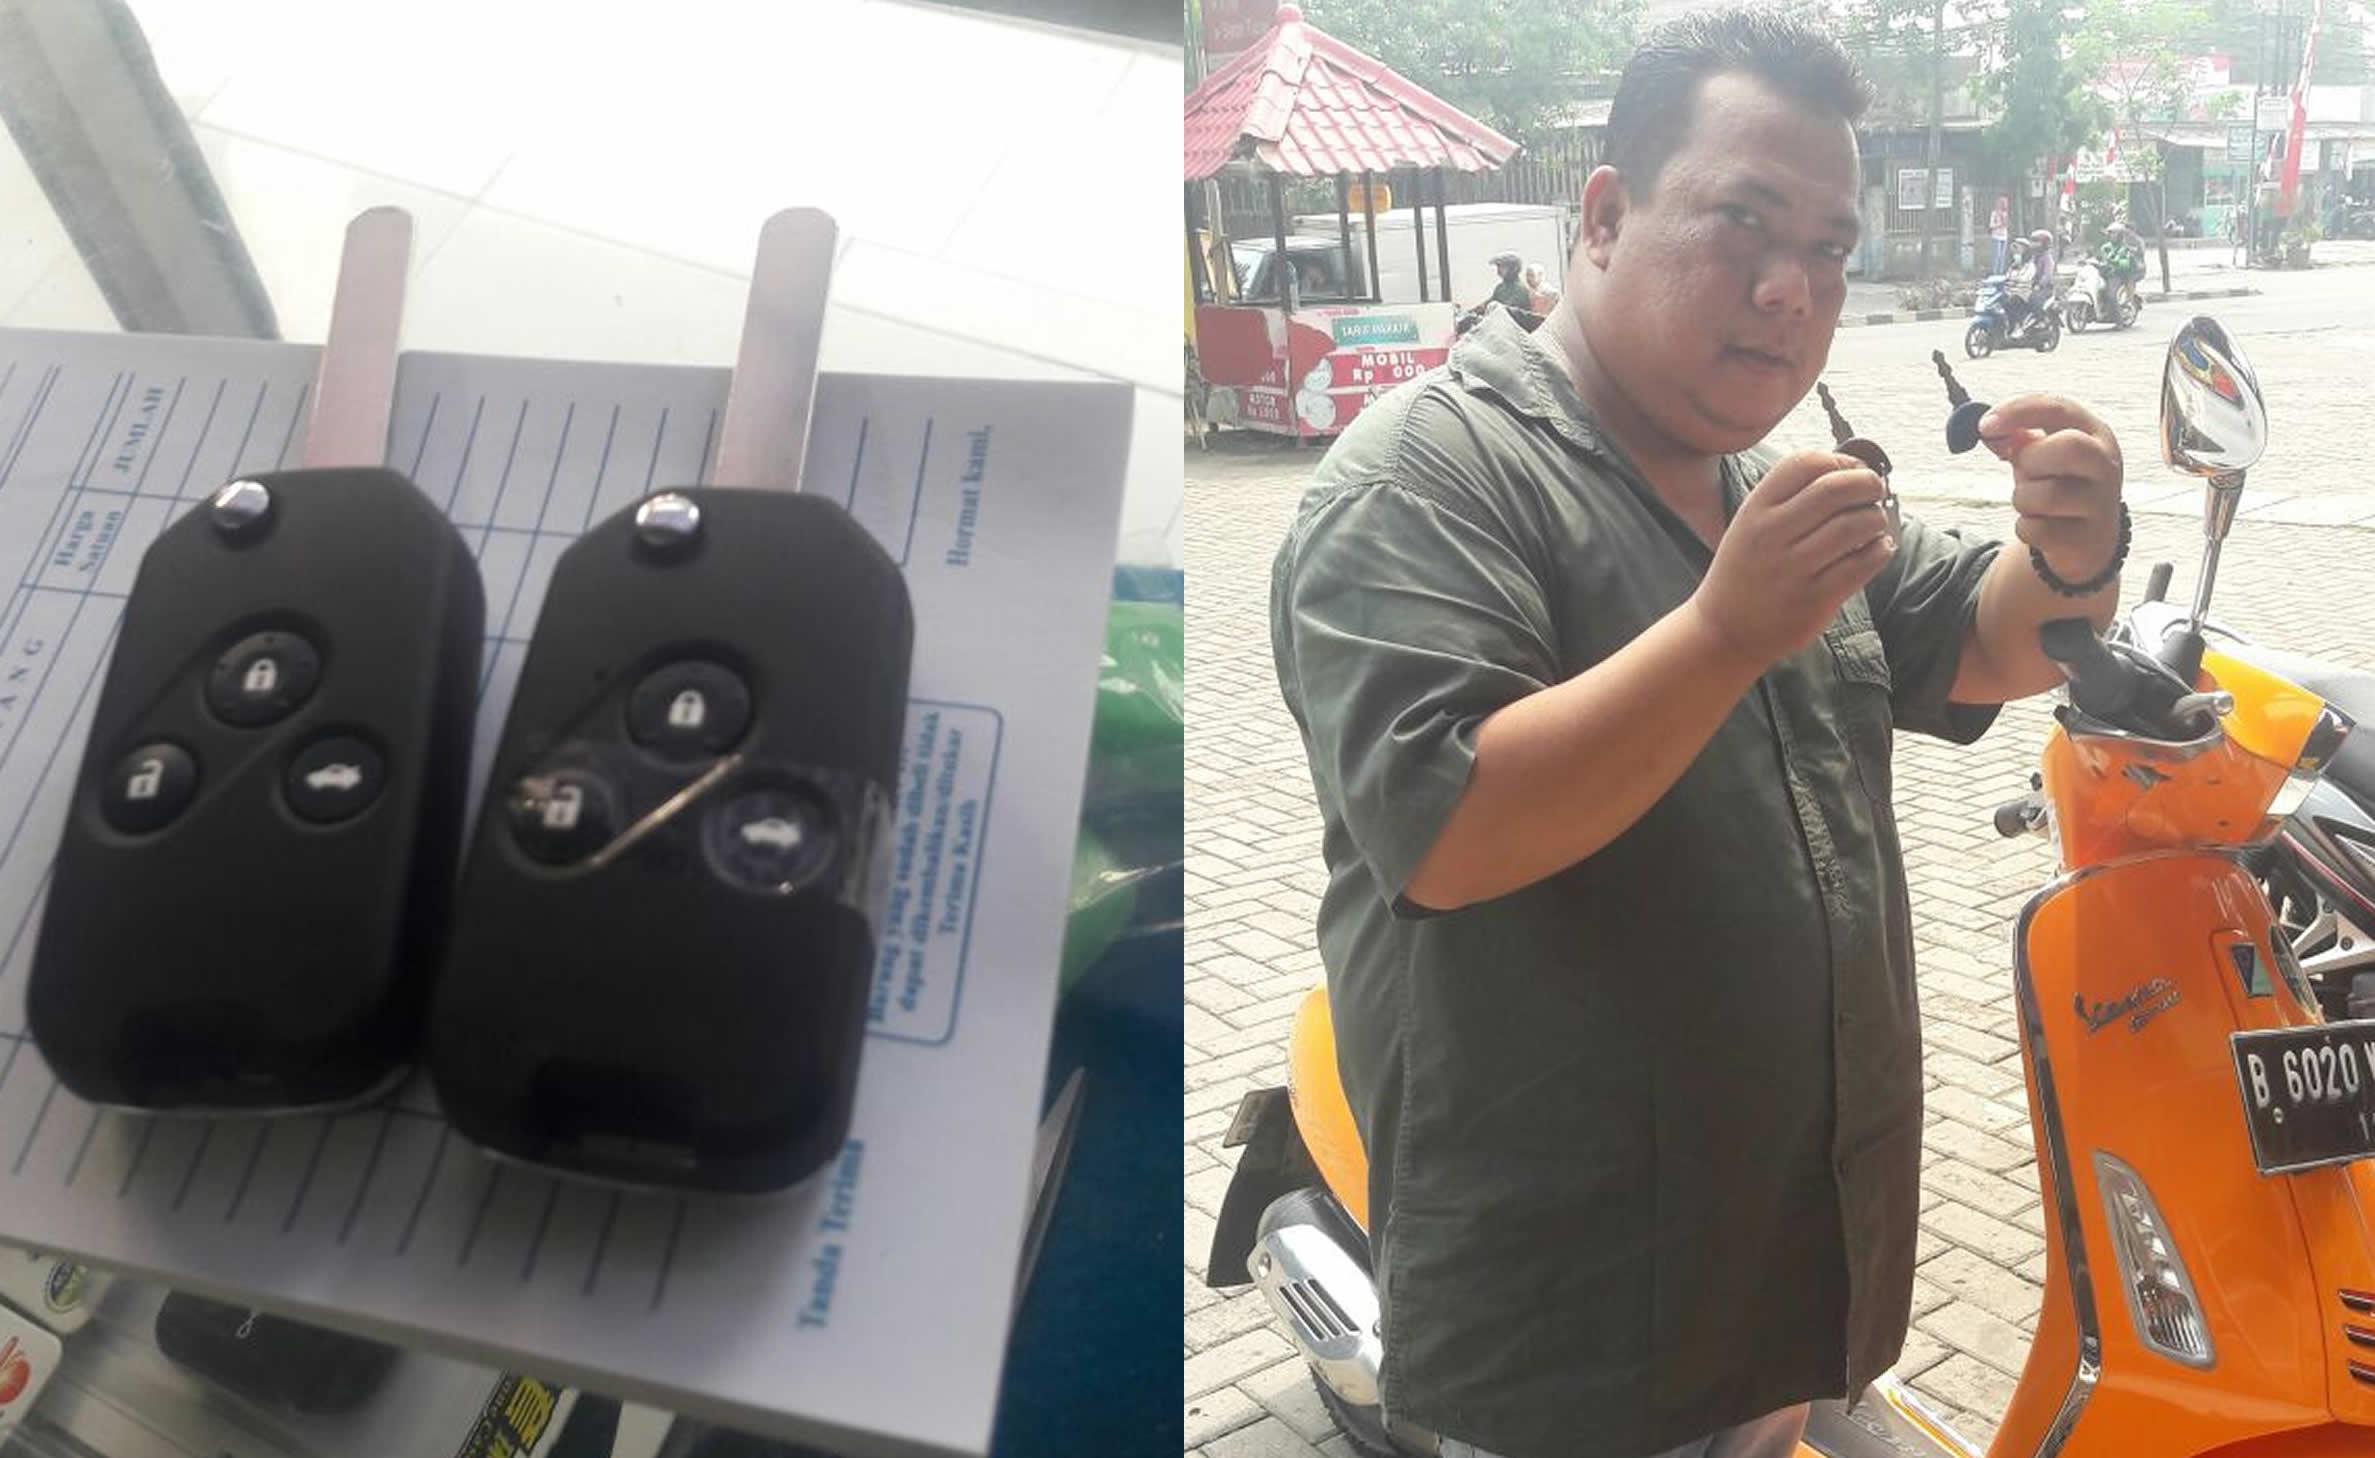 Ahli kunci mobil, service kunci mobil, perbaik kunci mobil, tukang kunci mobil tangerang